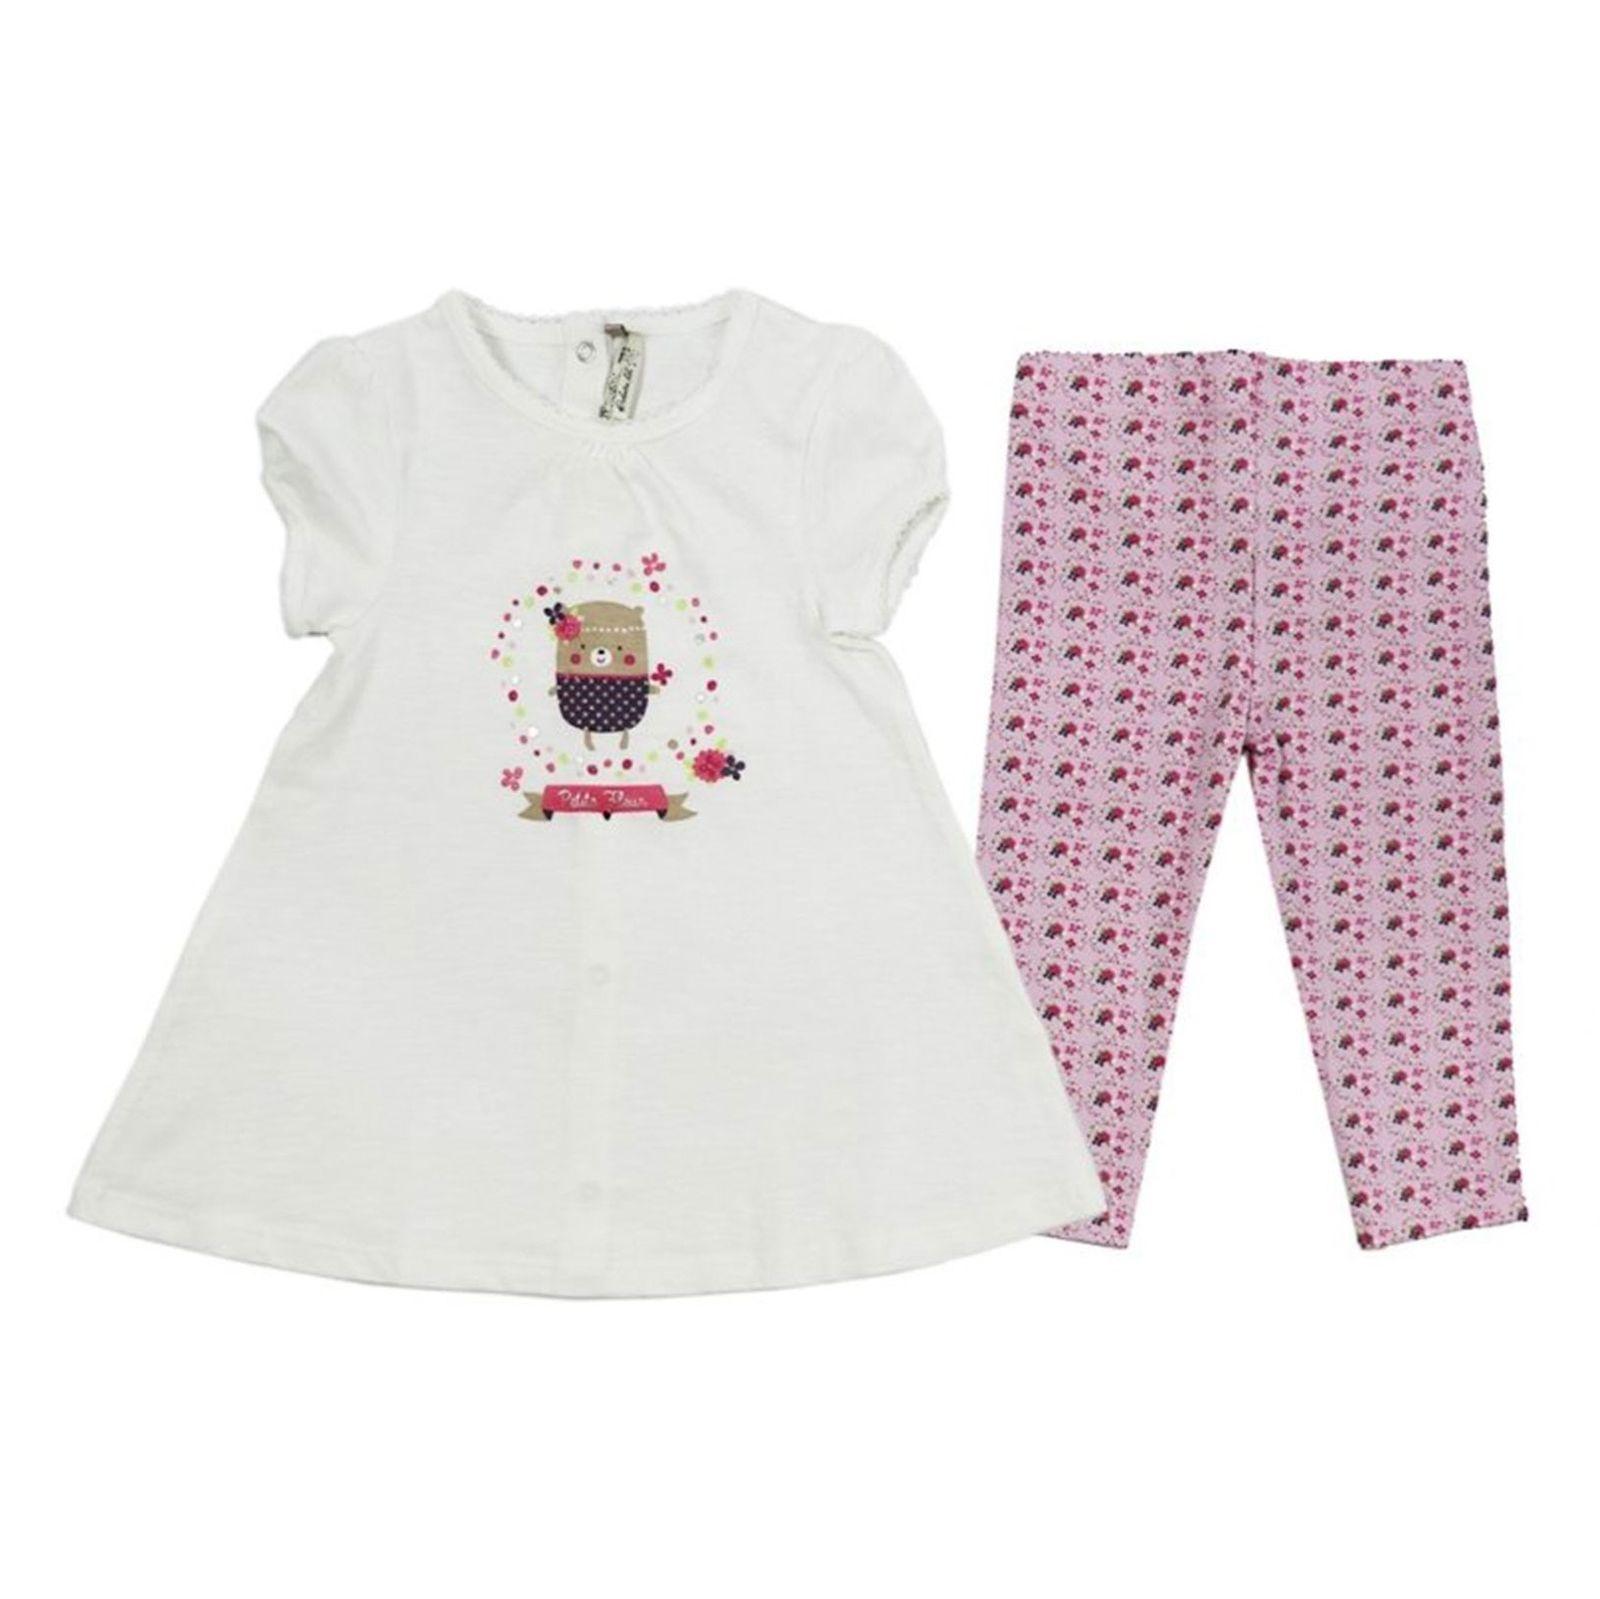 پیراهن و لگینگ نخی نوزادی دخترانه - ارکسترا - سفيد و صورتي - 1